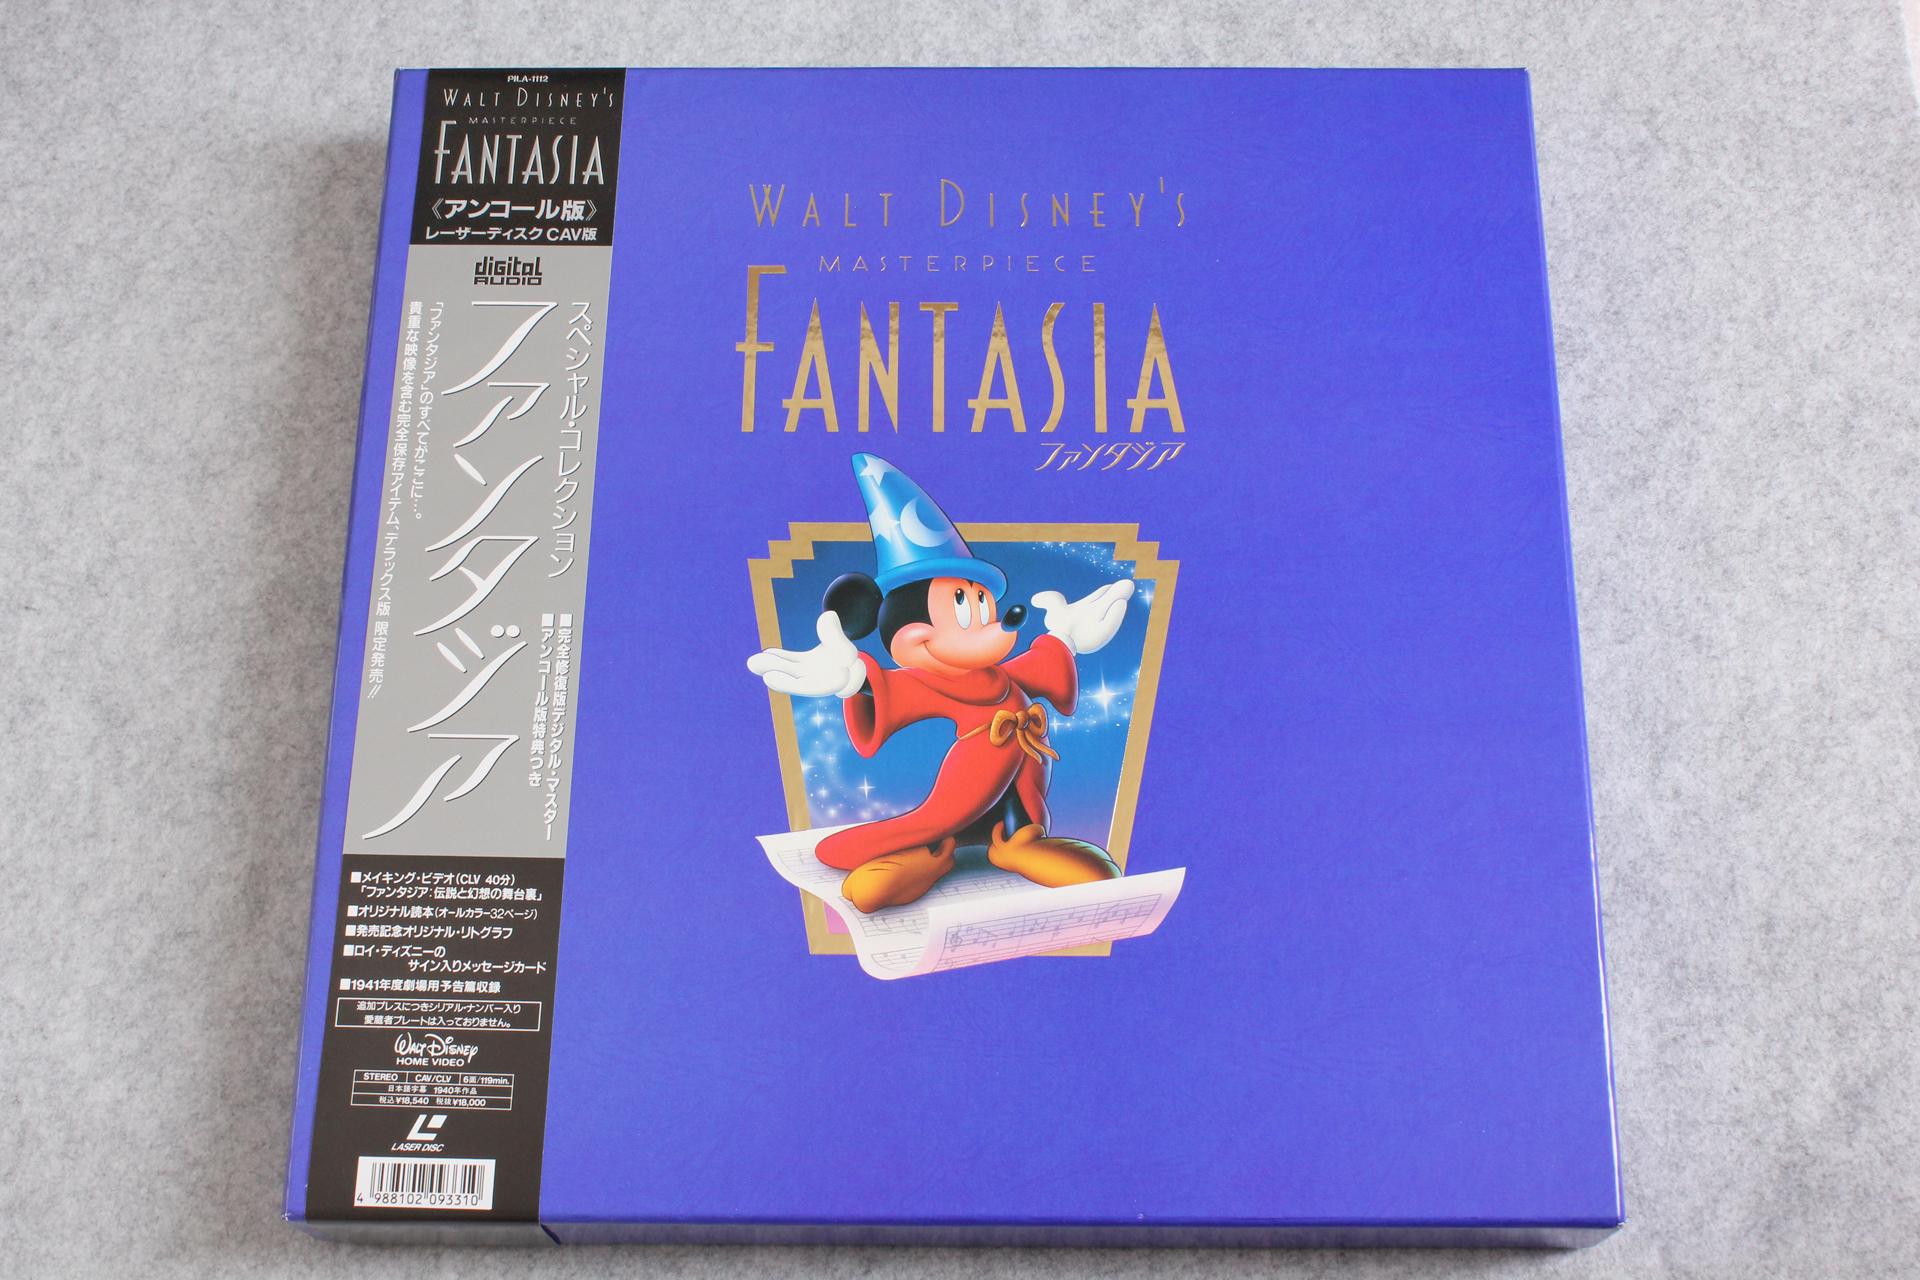 2019-07-11-FANTASIA_LD-BOX-1.JPG